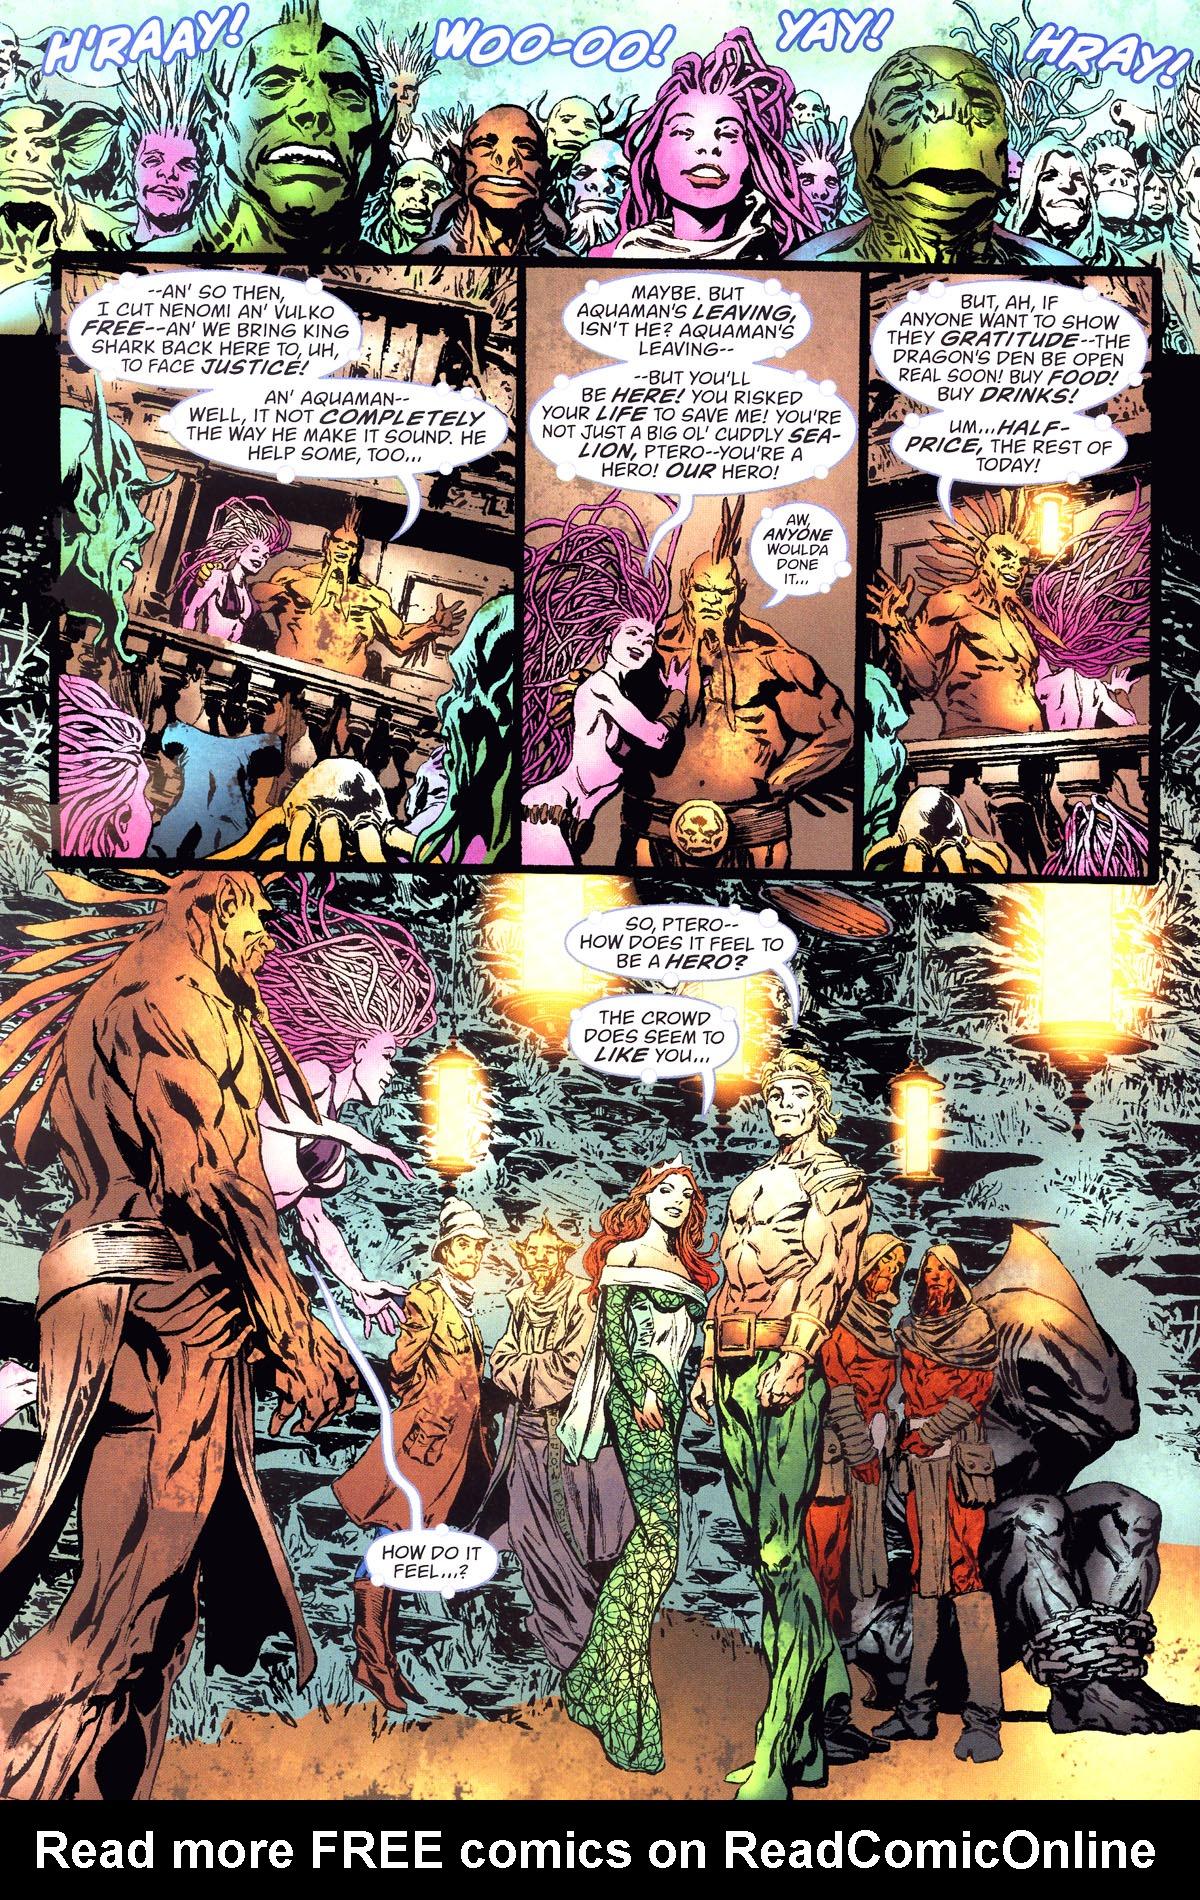 Read online Aquaman: Sword of Atlantis comic -  Issue #47 - 17